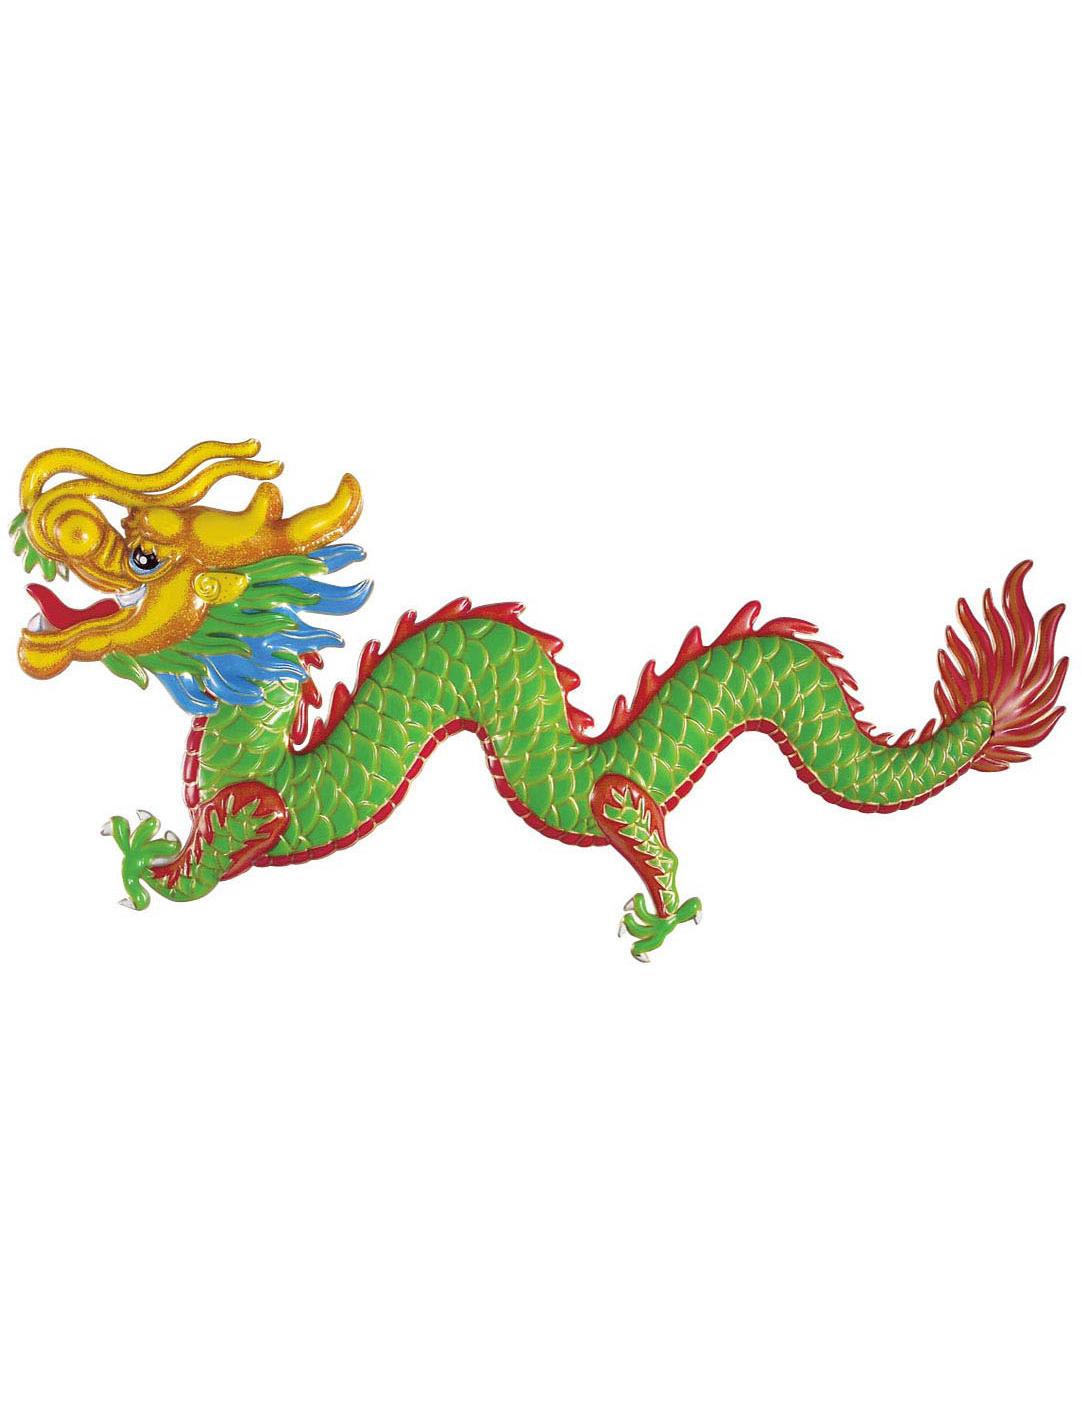 d coration dragon nouvel an chinois d coration anniversaire et f tes th me sur vegaoo party. Black Bedroom Furniture Sets. Home Design Ideas